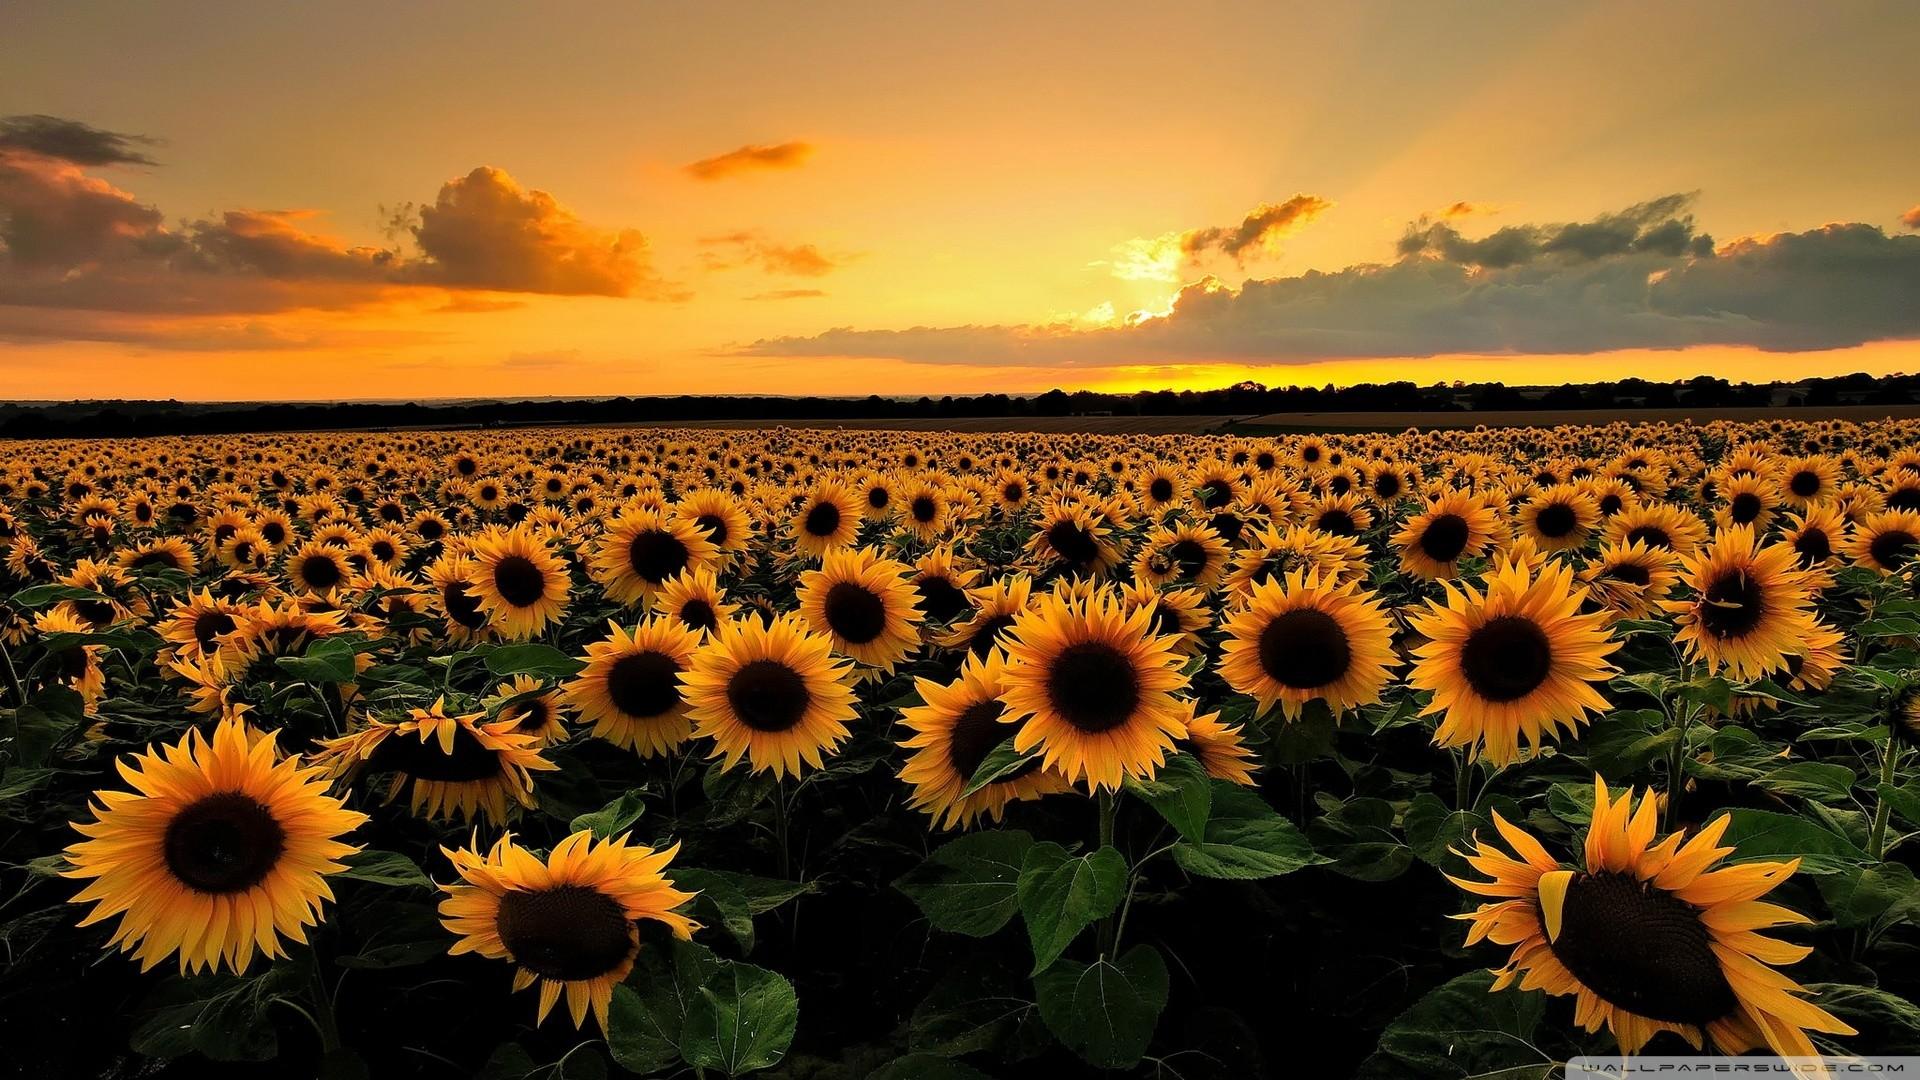 Sunflowers Wallpaper Wallpapertag